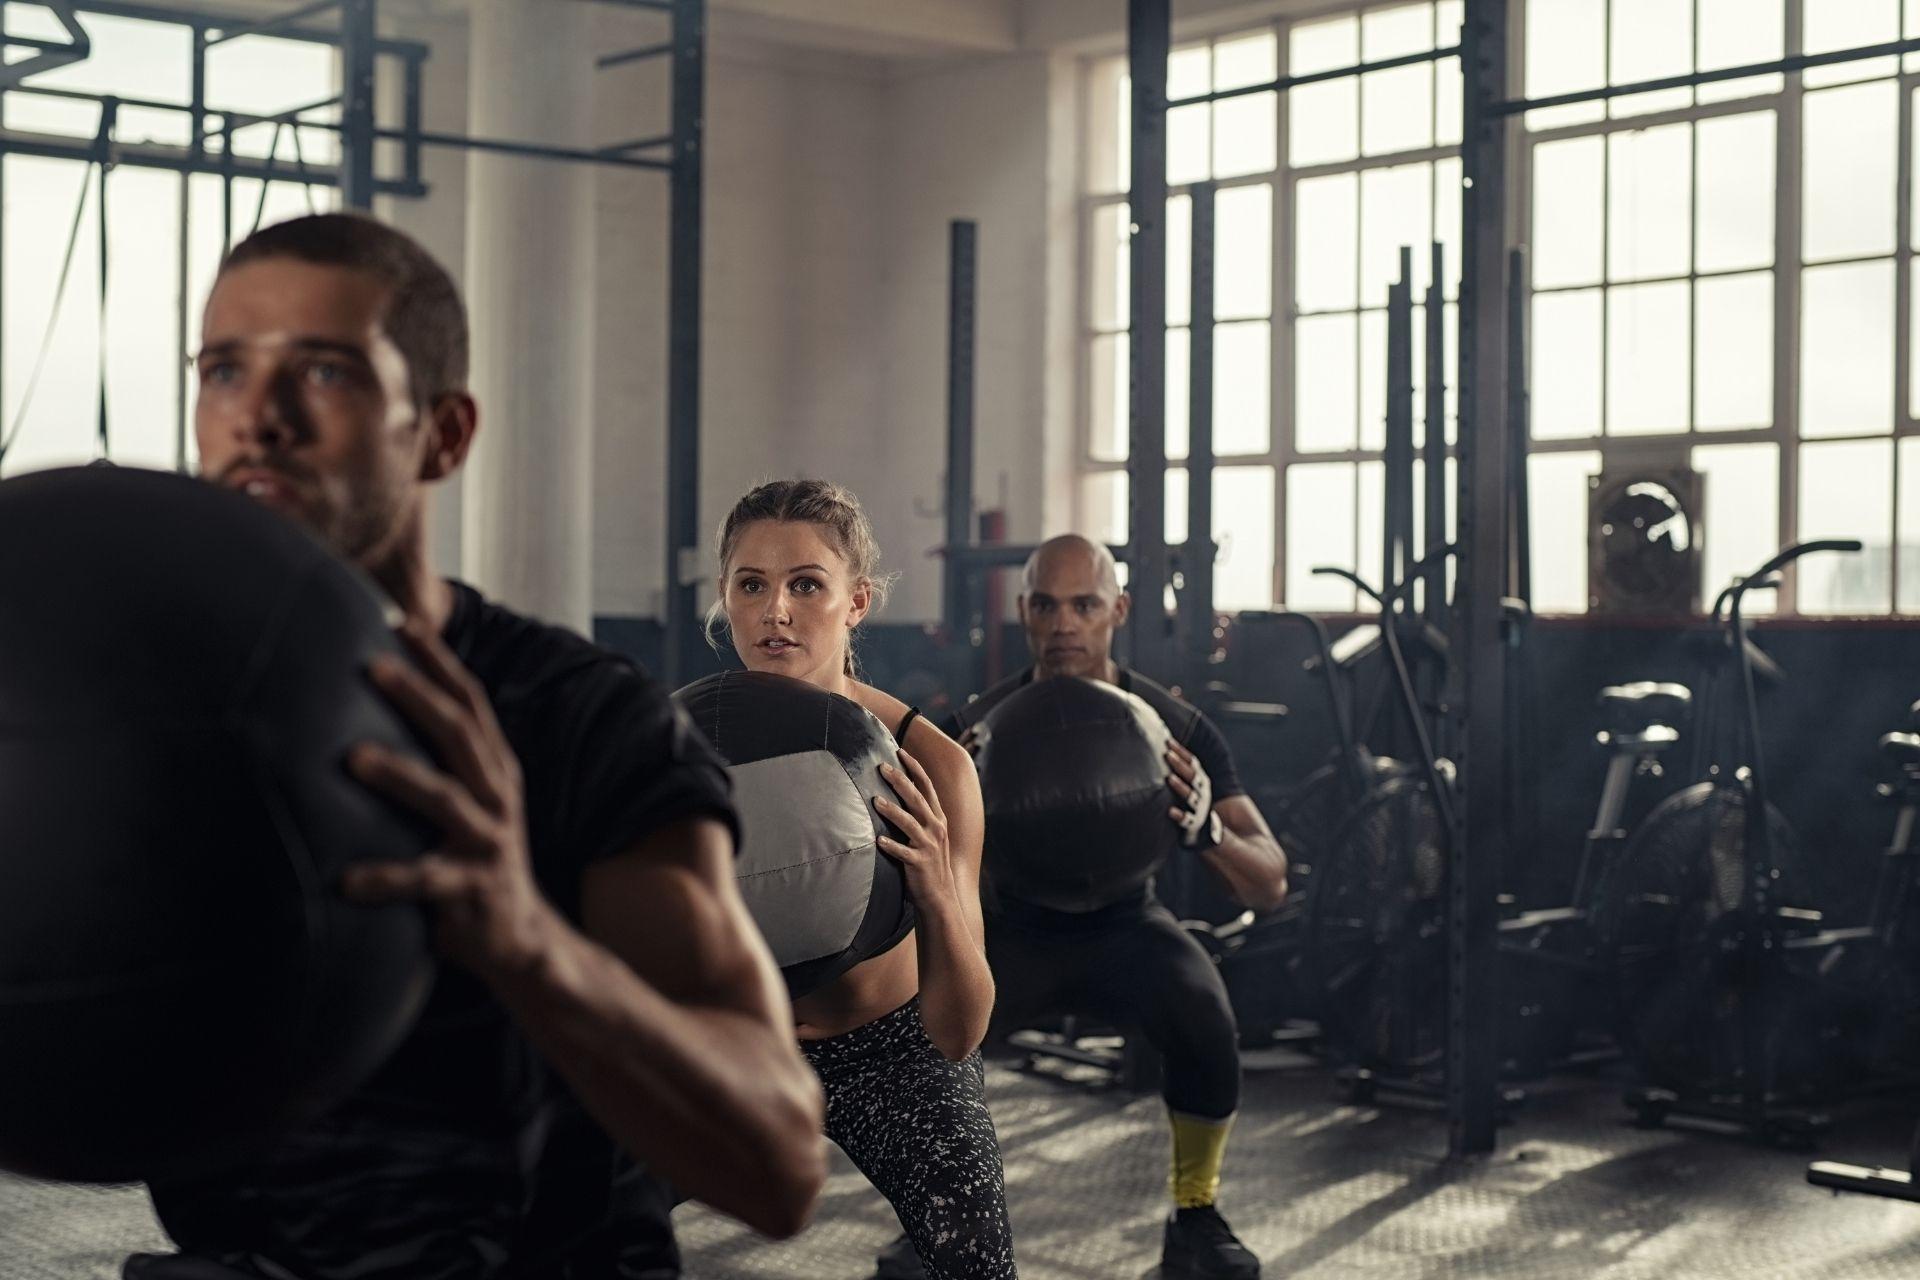 Verletzungsrisko: Wie hoch ist es für CrossFitter?